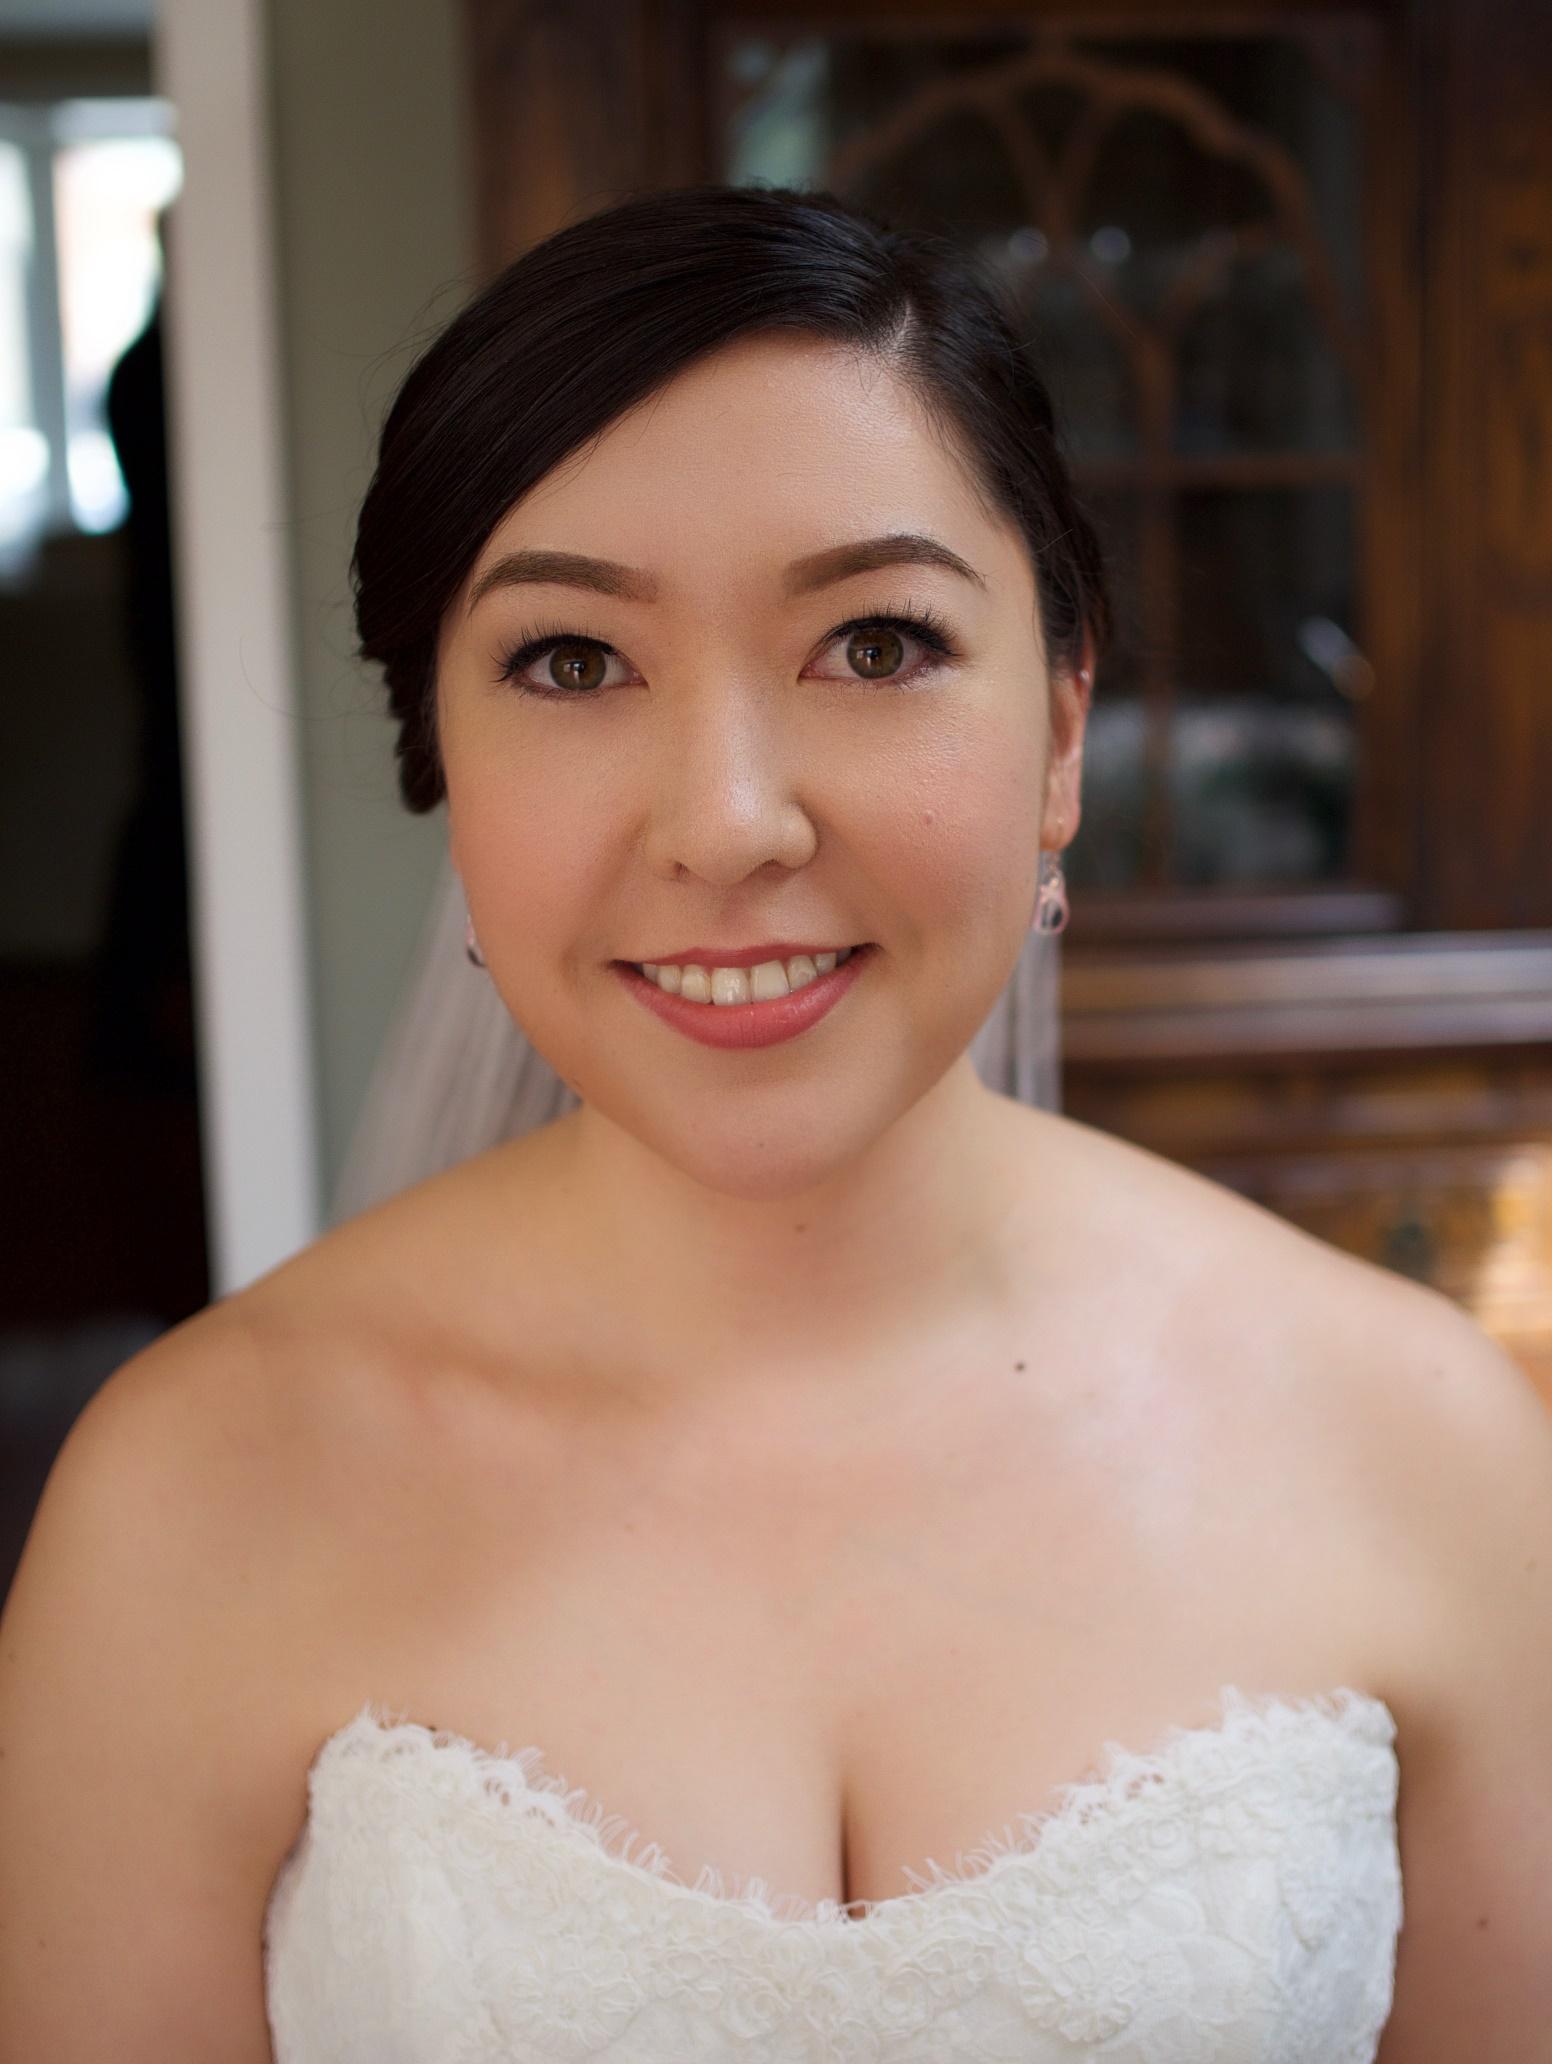 Toronto Japanese bridal makeup